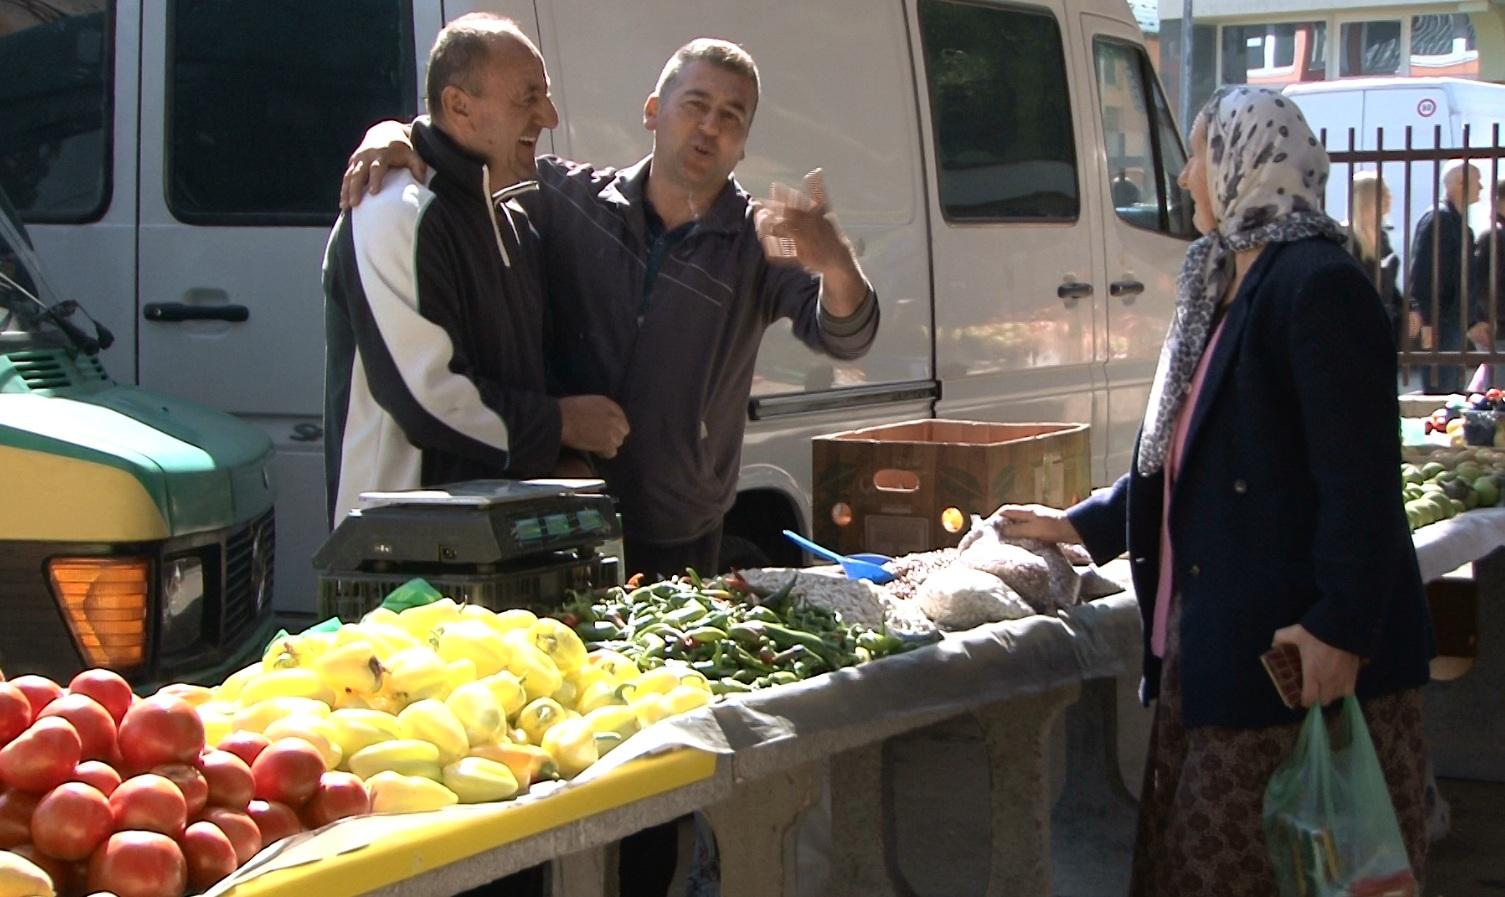 (VIDEO) Pijaca u Novom Travniku/ Šta se nekad moglo kupiti za 50 KM, a šta može danas!?